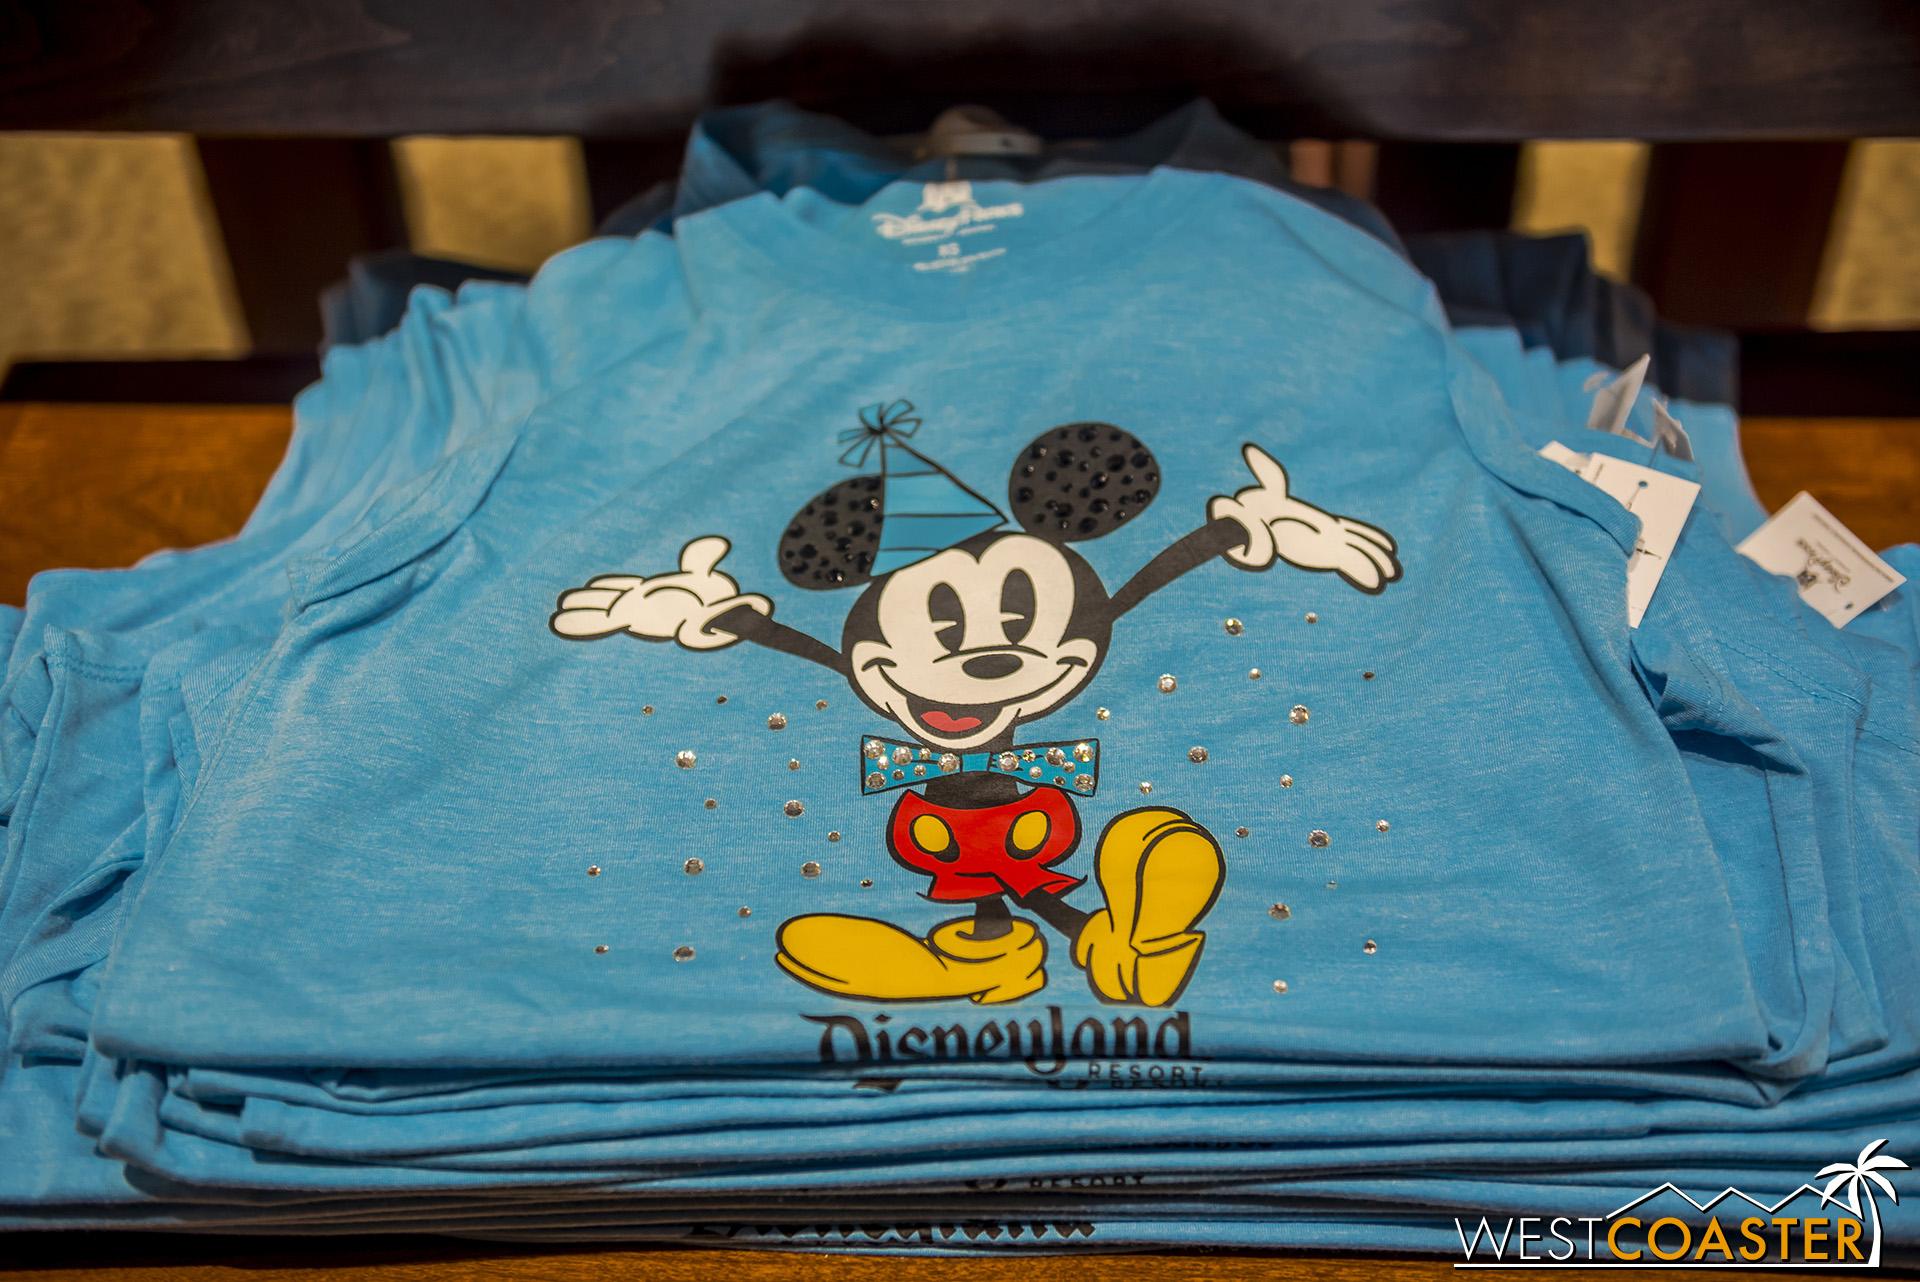 The shirt is pretty cute.